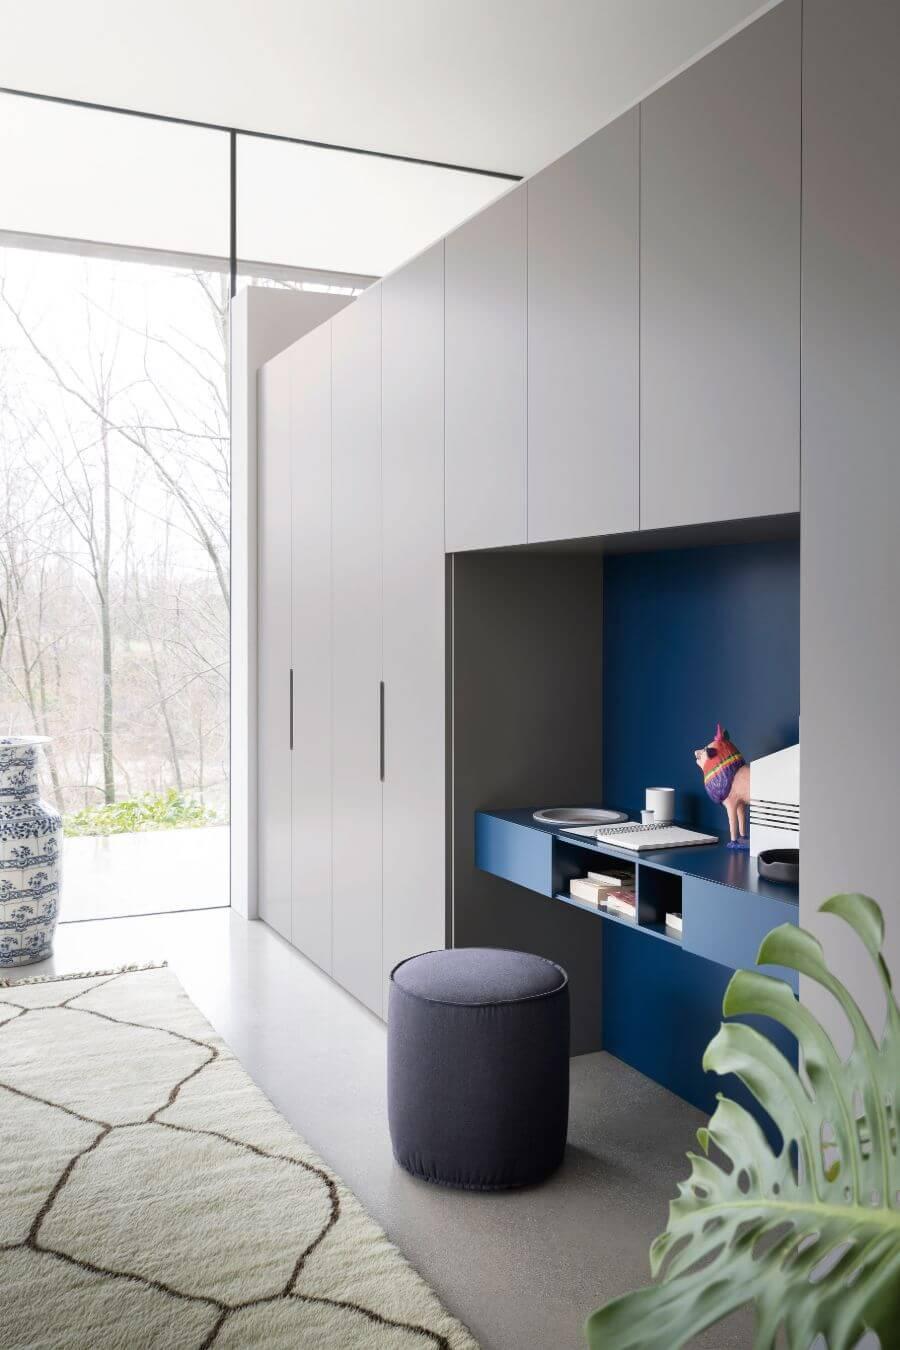 armadio-battente-collezione-san-francisco-il-mobile (1)